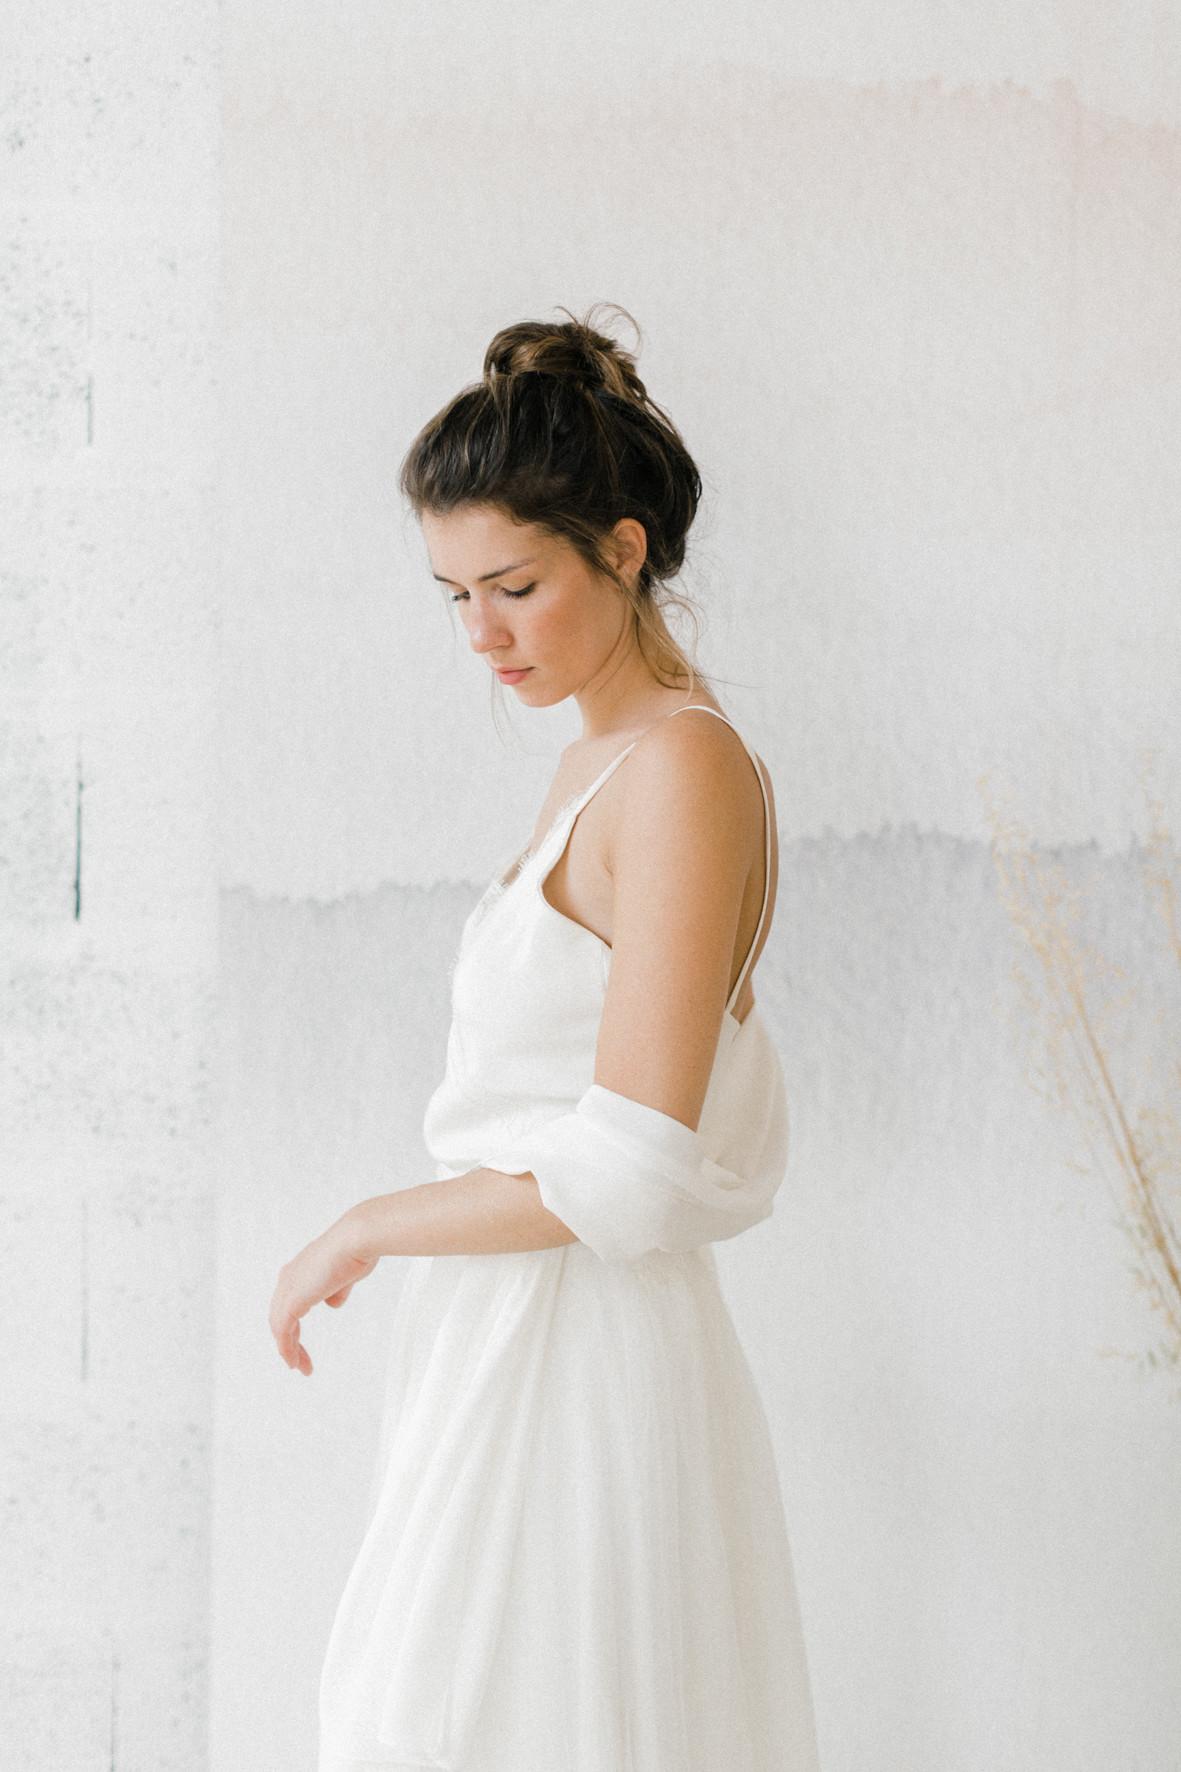 étole en soie pour la mariée